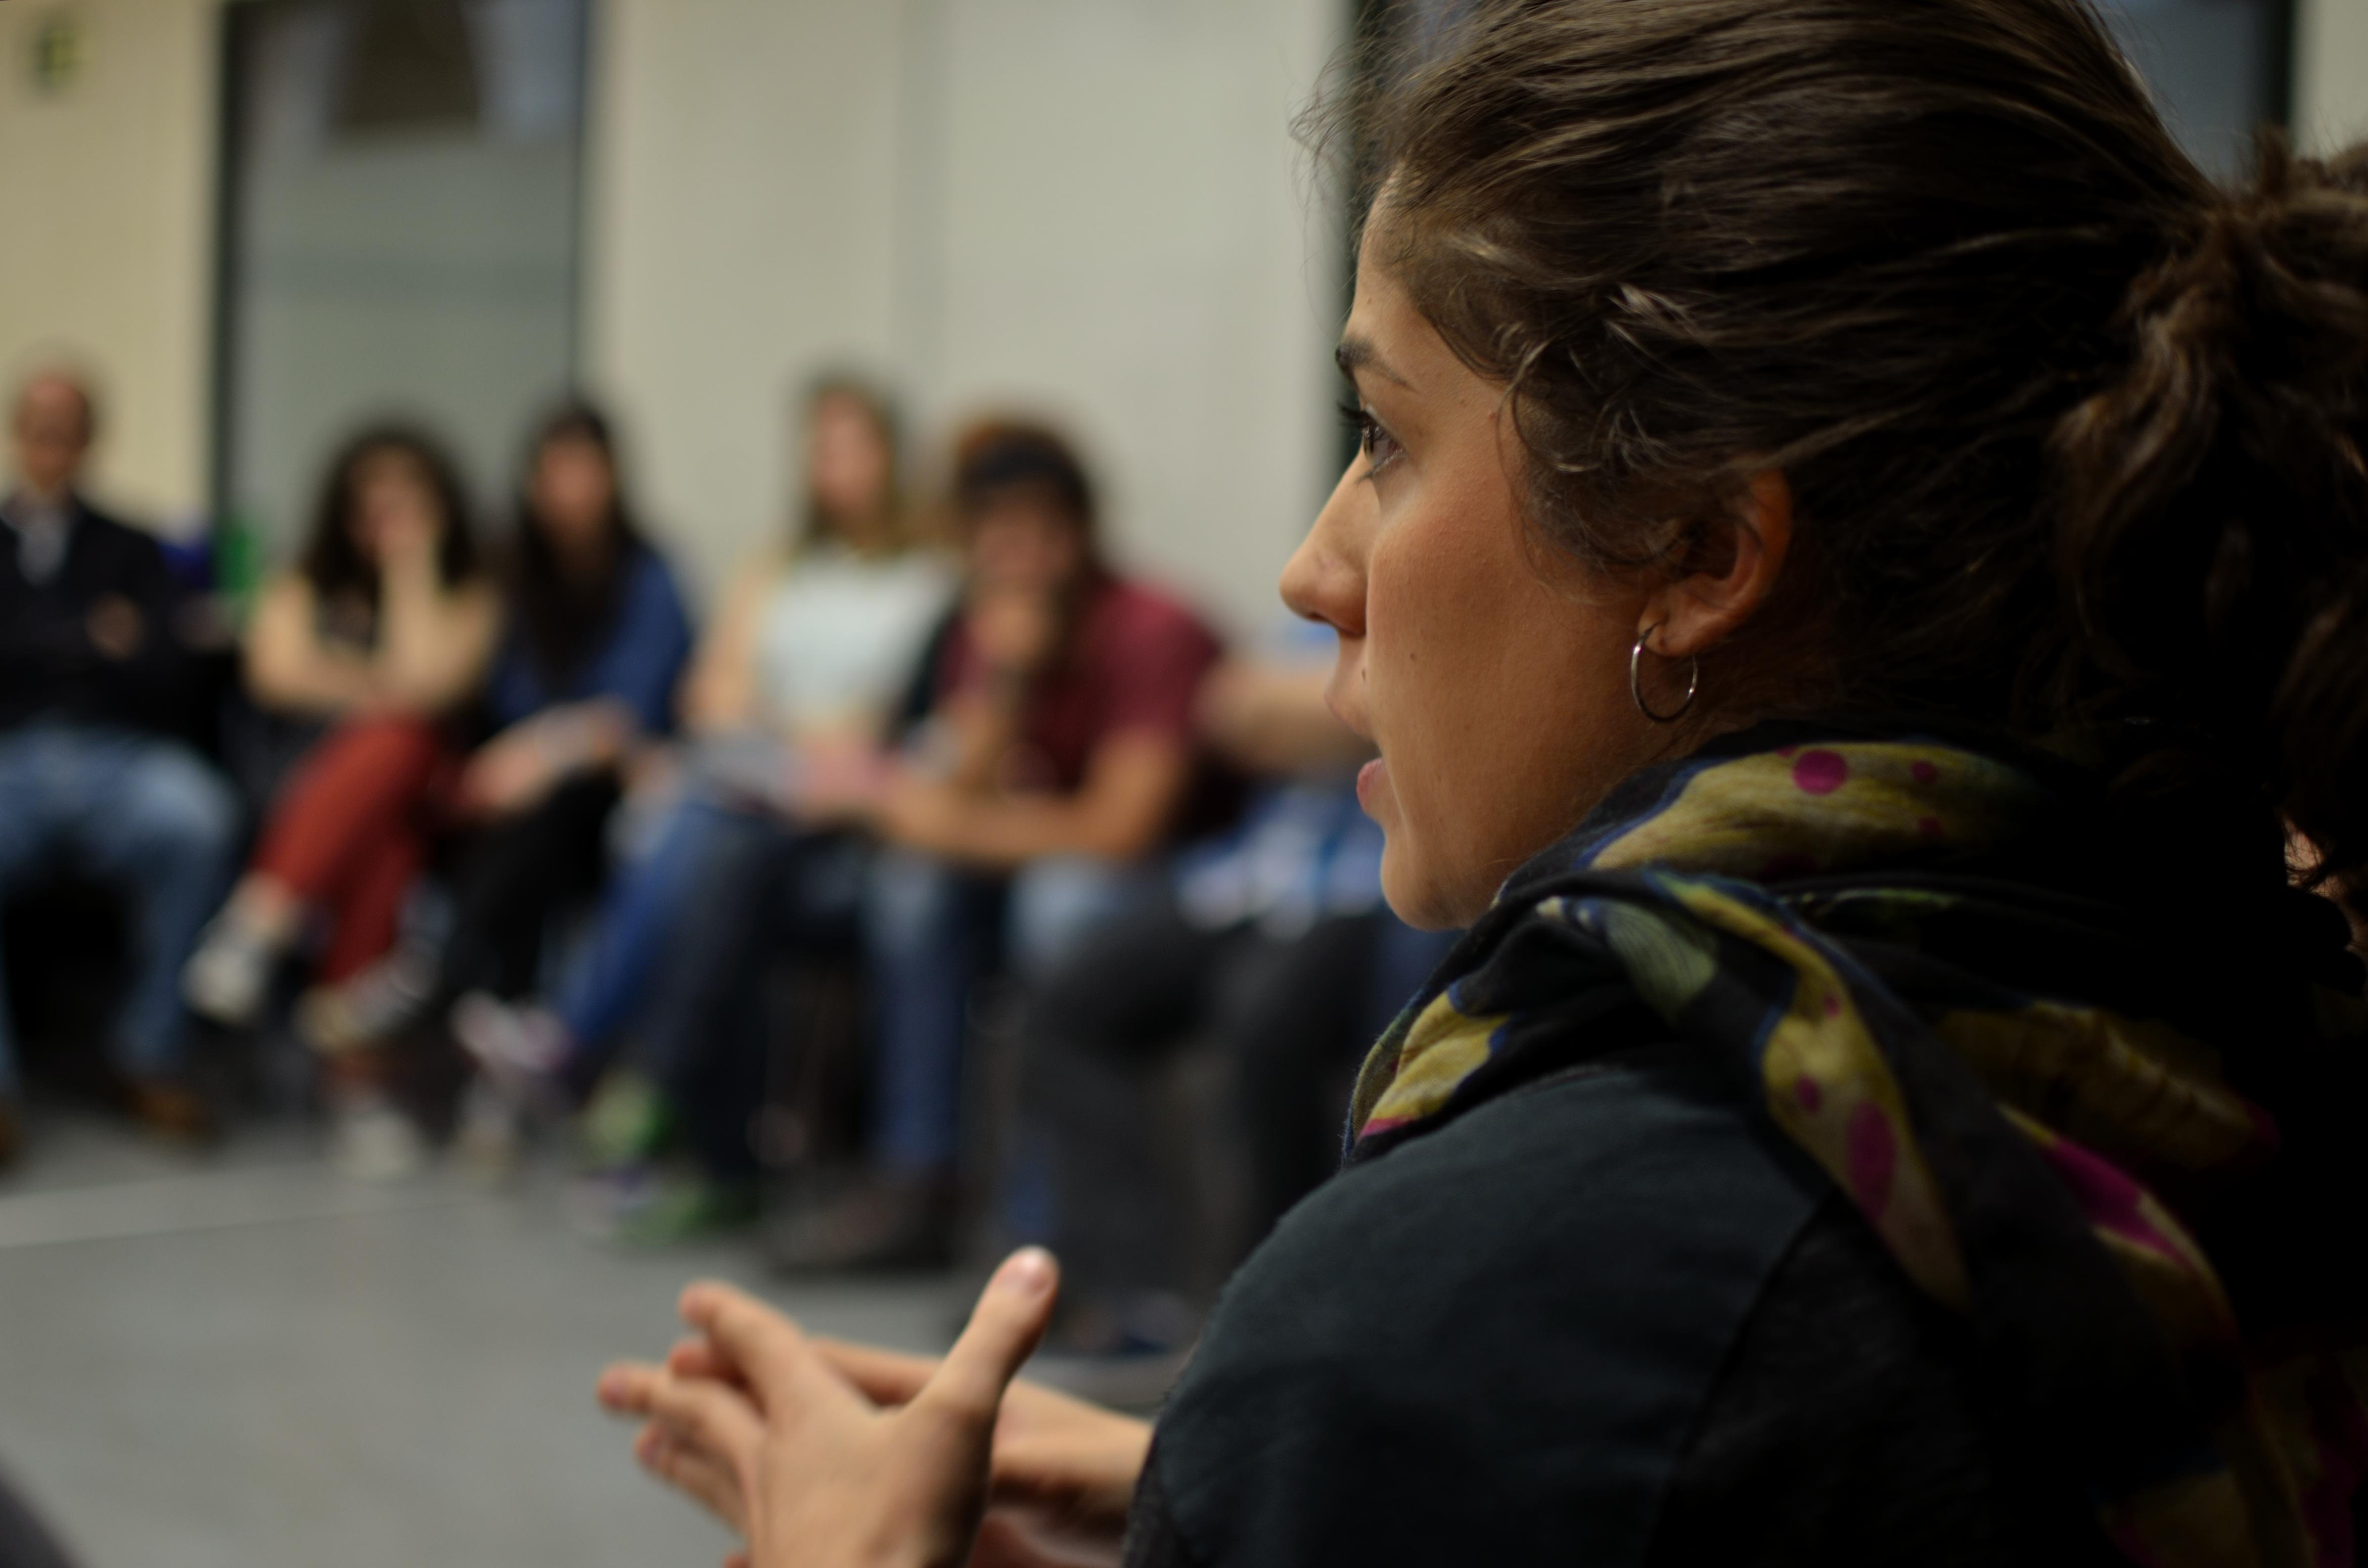 Lara Hernández, candidata de La Izquierda Plural a las Elecciones Europeas,  ha participado en un encuentro universitario en la UPNA